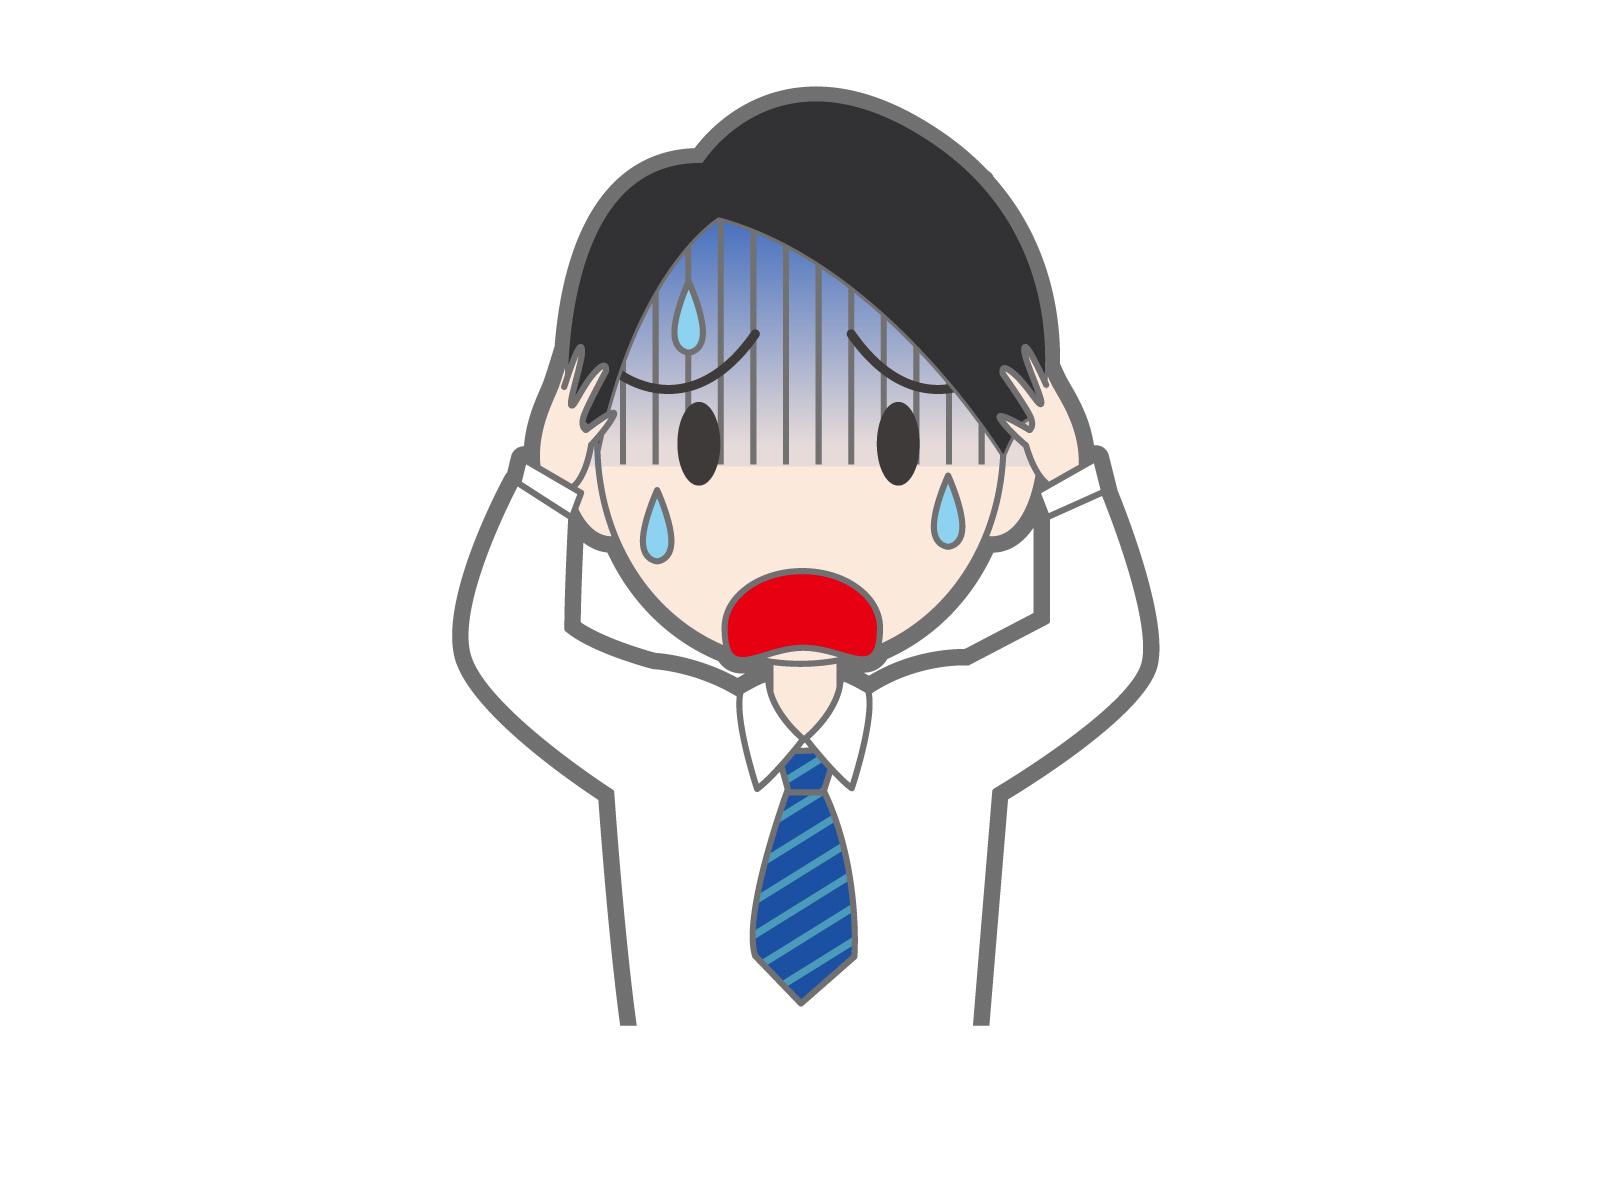 No.3713 11月8日(水):5000万円あげるから、さっさと辞めてくれ_b0113993_09005646.jpg